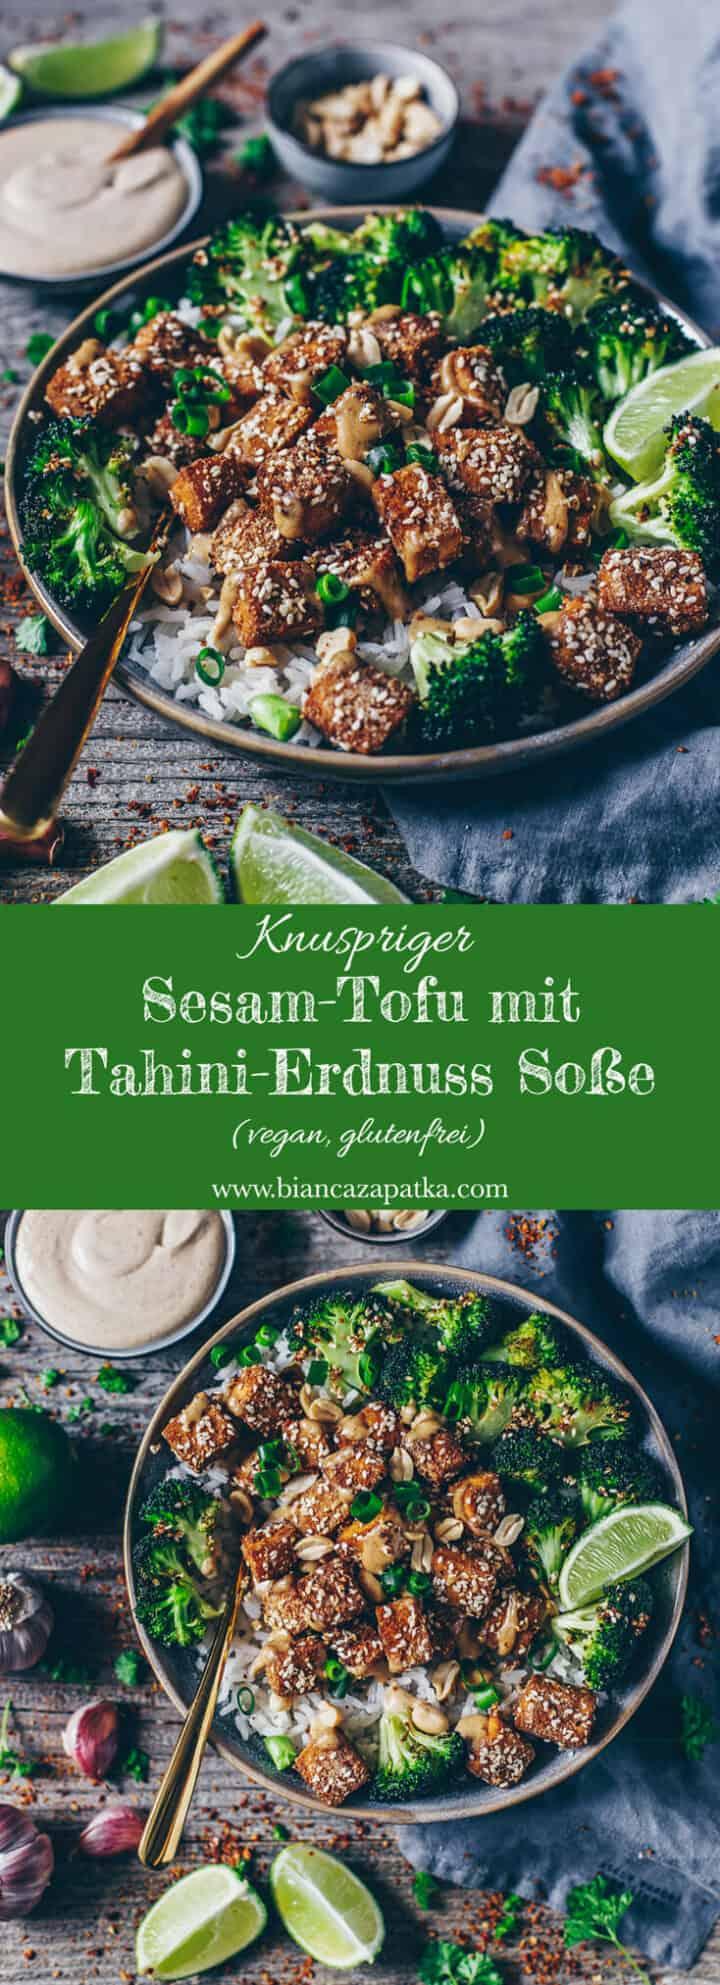 Knuspriger Sesam-Tofu mit einer cremigen hausgemachten Tahini-Erdnuss-Soße, serviert mit Reis und geröstetem Brokkoli. Dieses Rezept ist einfach & schnell zubereitet, vegan, glutenfrei und super lecker! Vollgepackt mit guten Kohlenhydraten, Protein und gesunden Fetten!